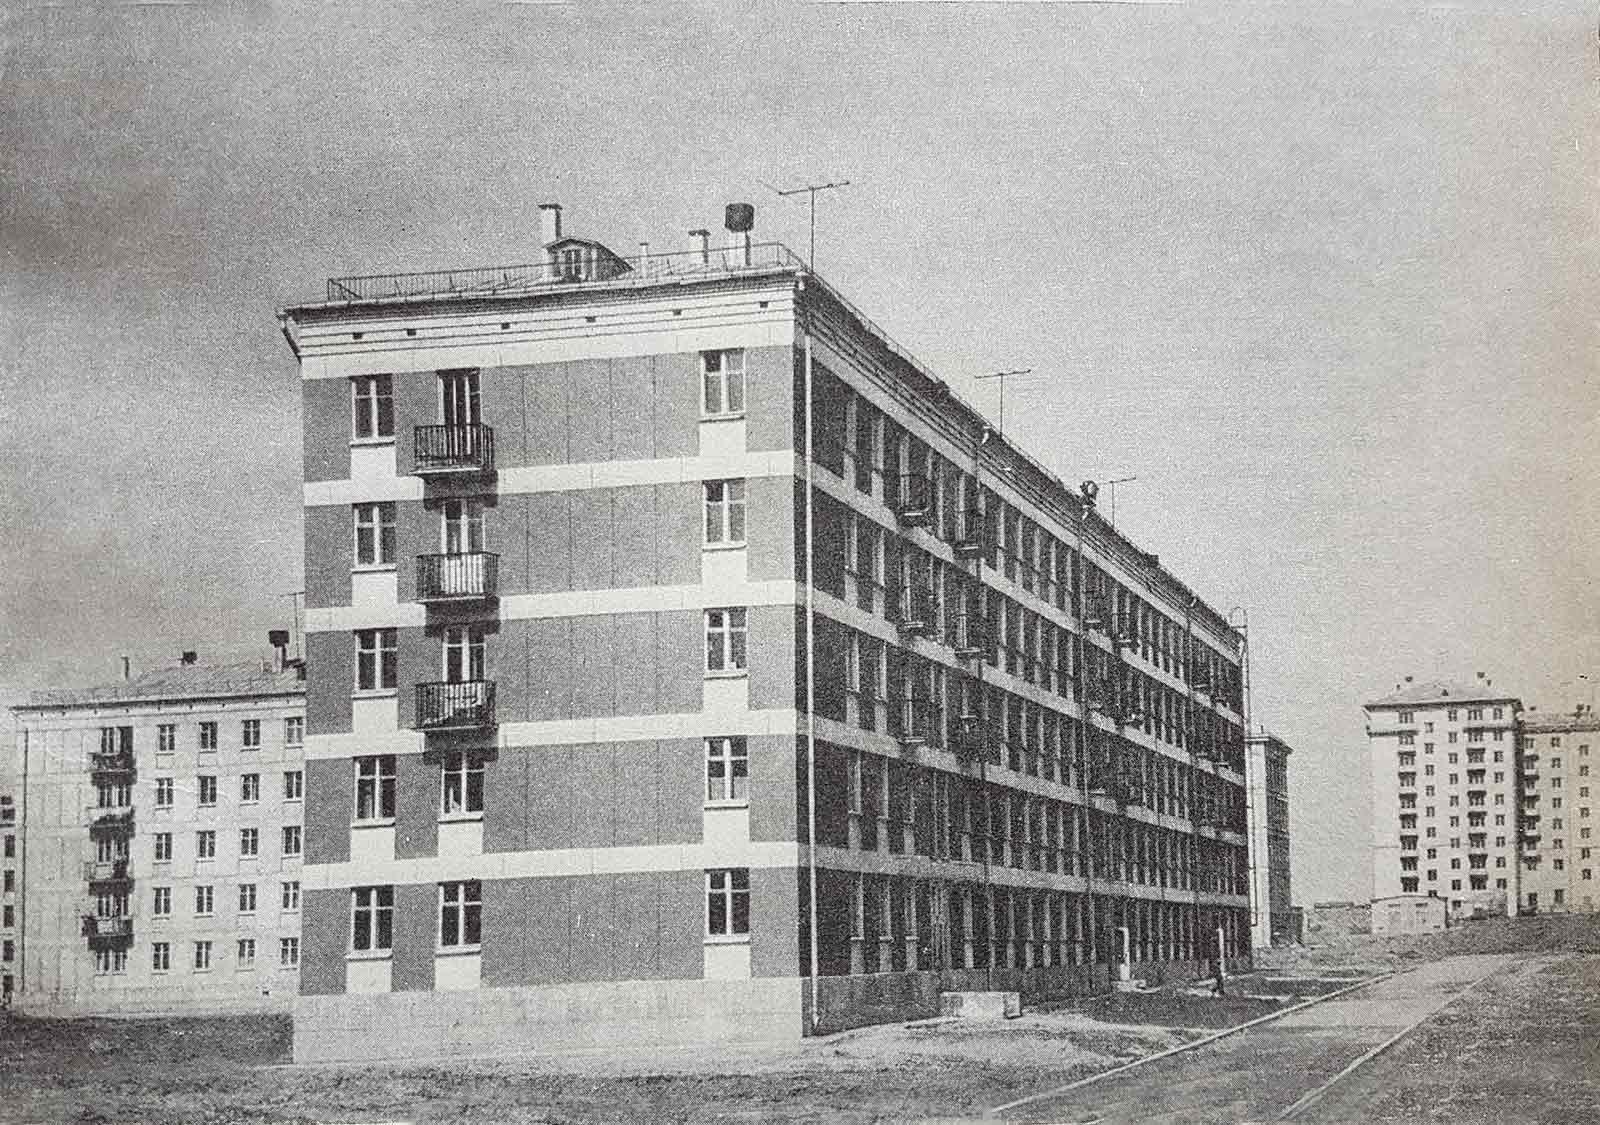 Бесплатный вебинар: Архитектура СССР. Хрущевский период